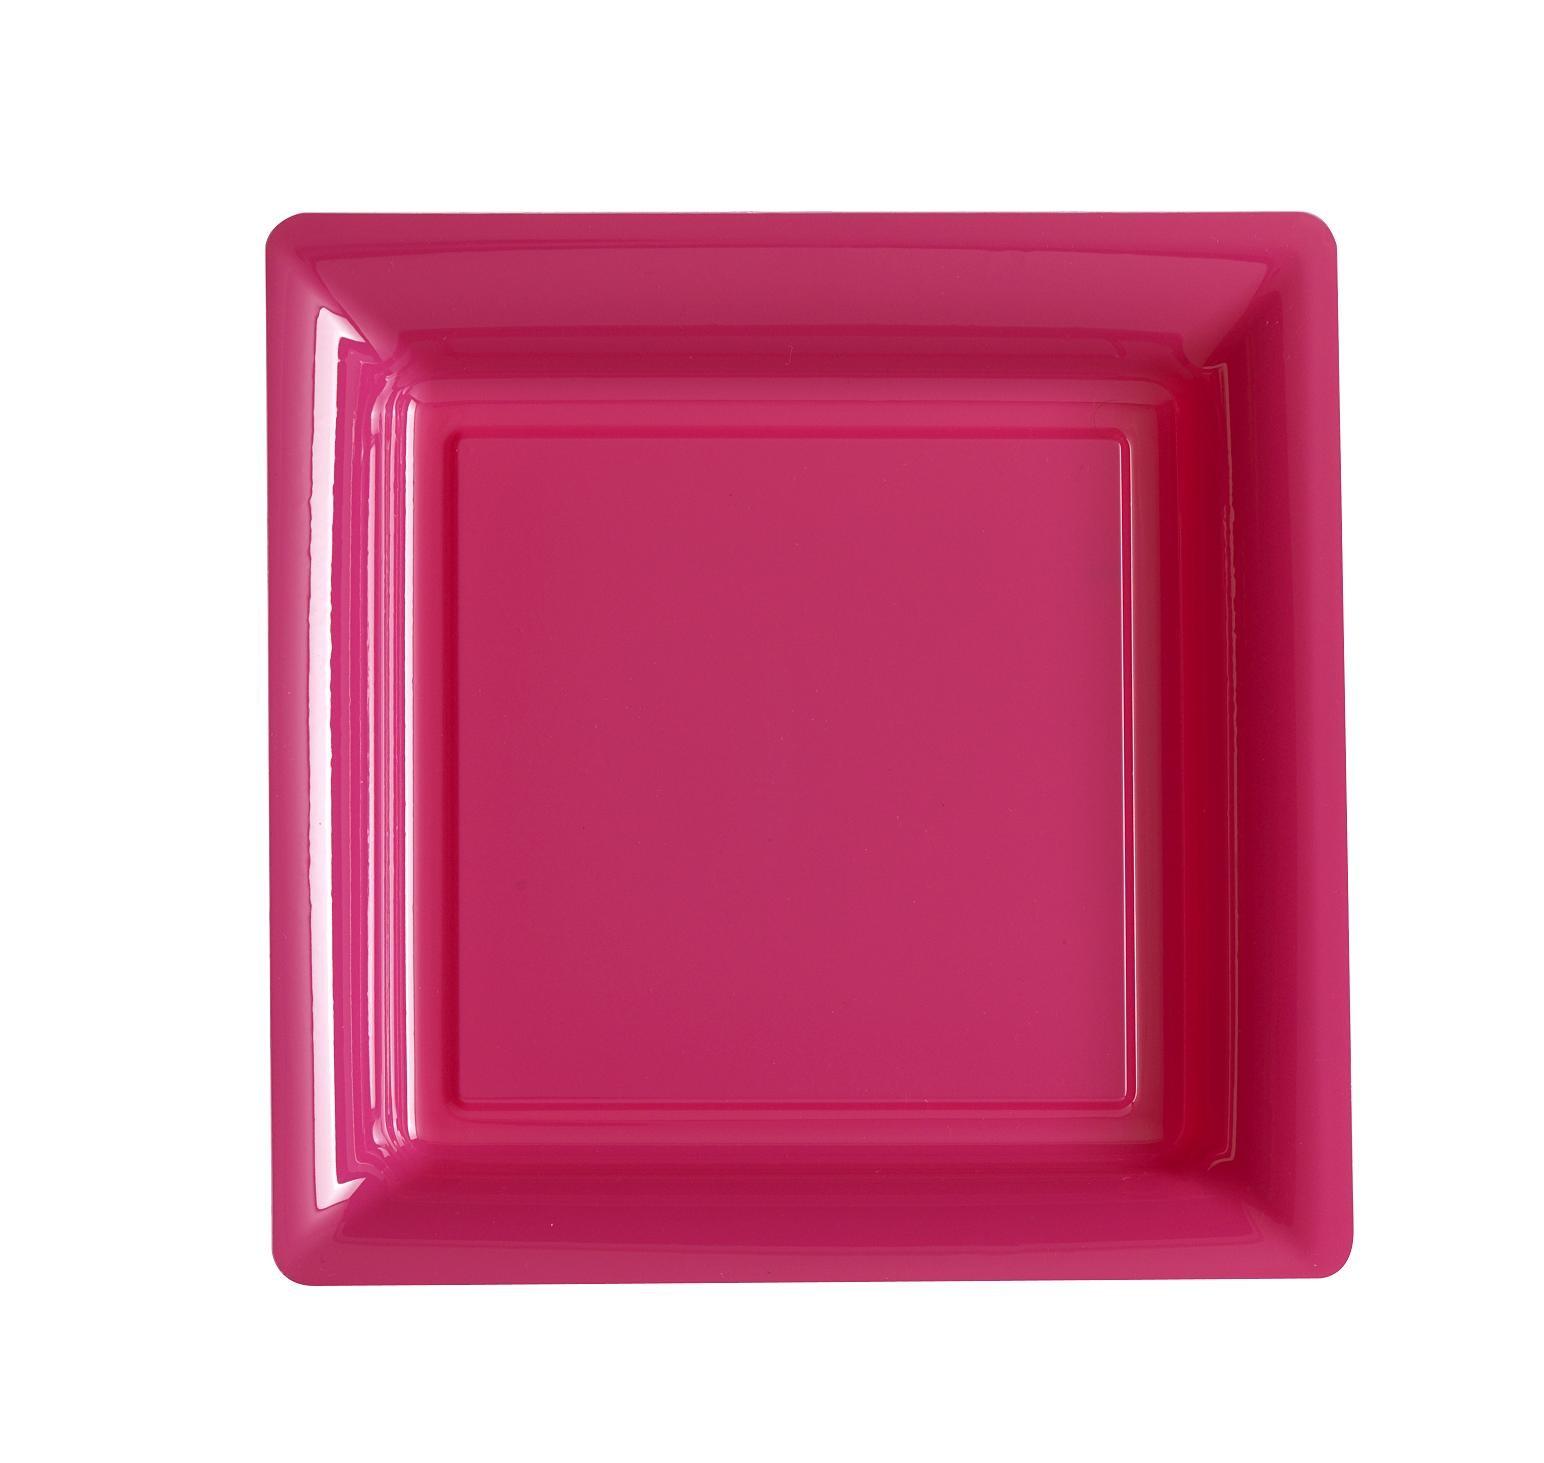 ASSIETTE JETABLE ROSE INDIEN 24cm